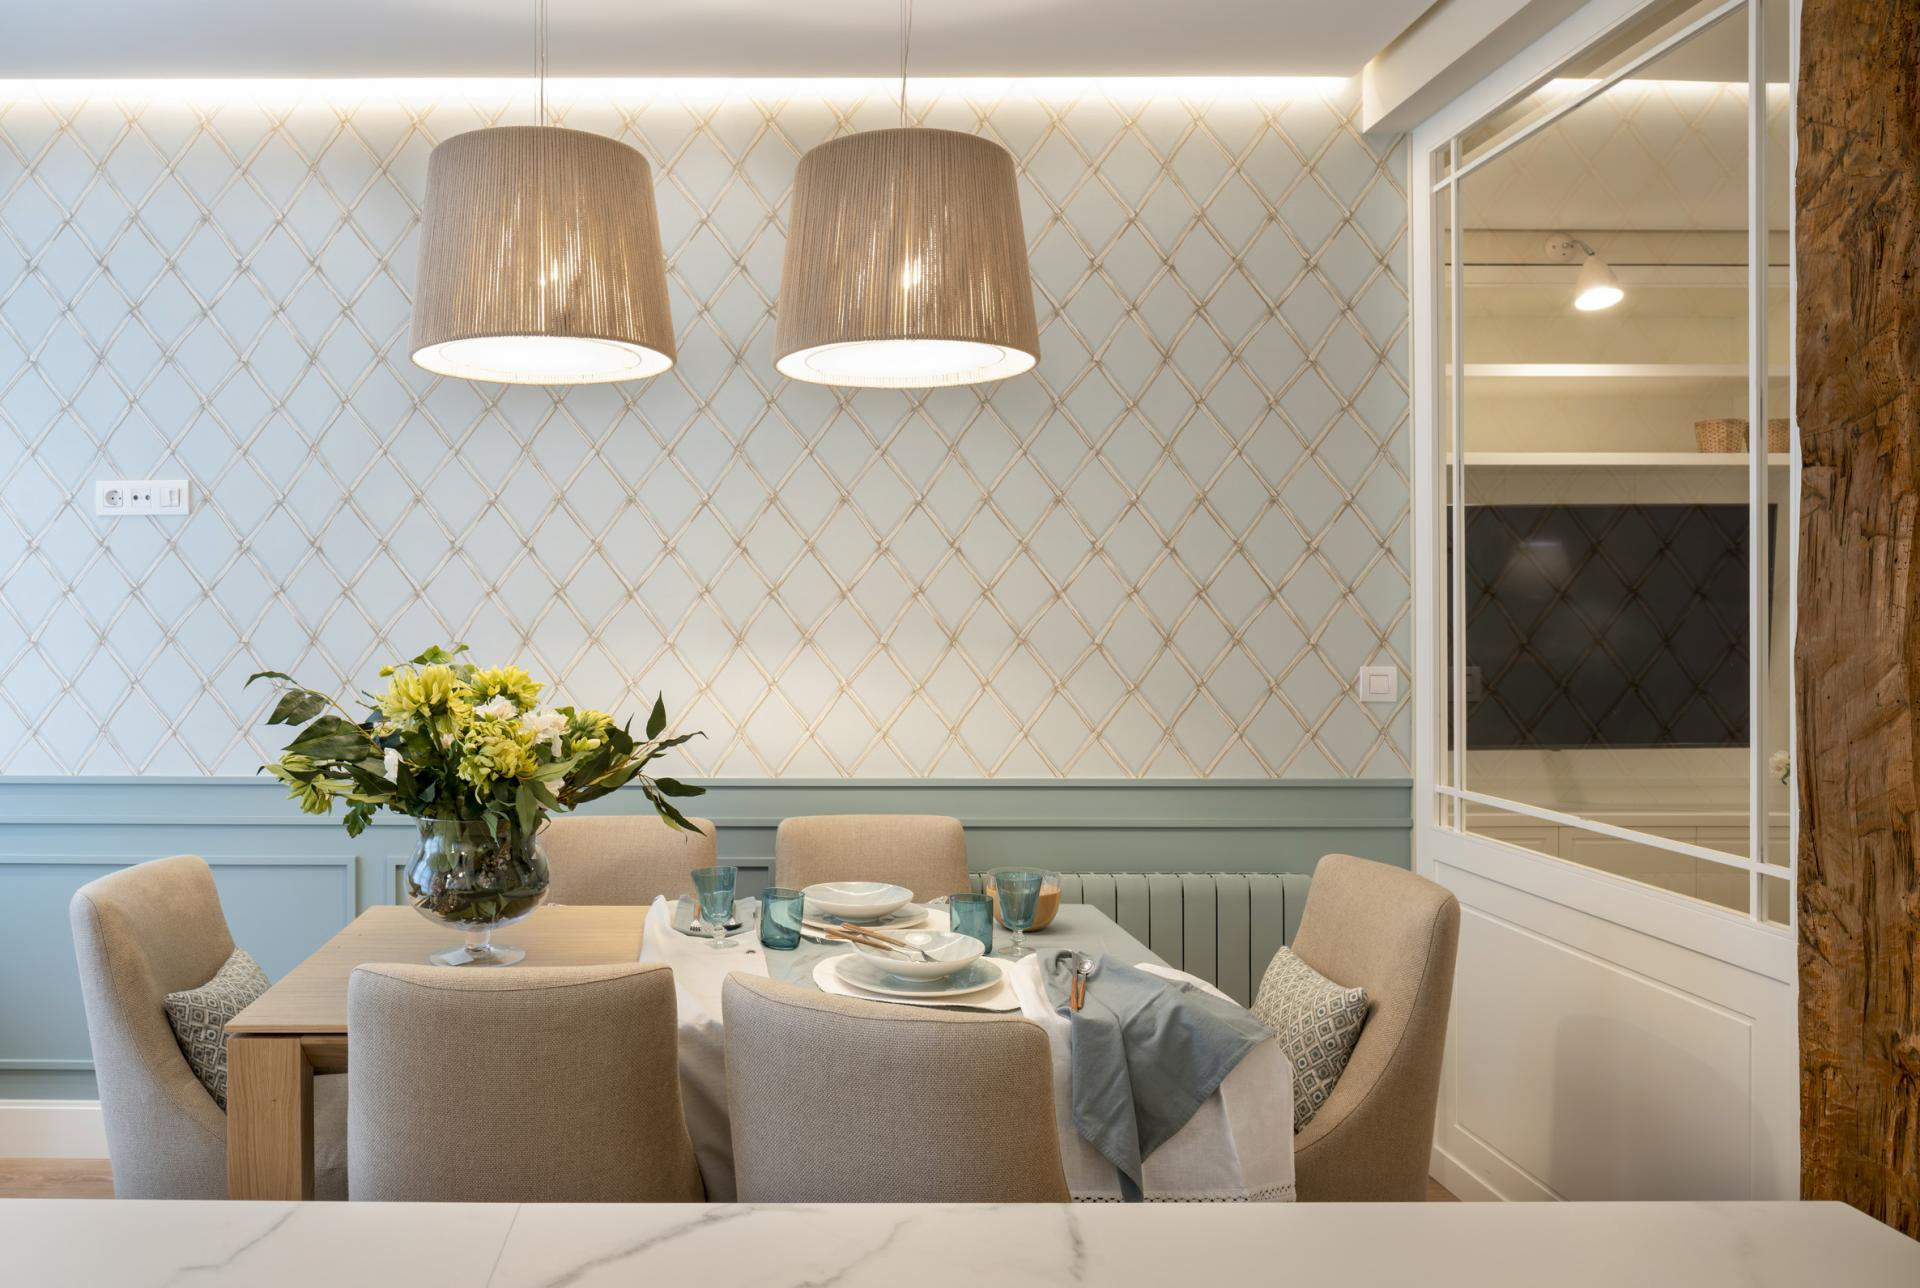 Diseño de cocina comedor - Sube Interiorismo